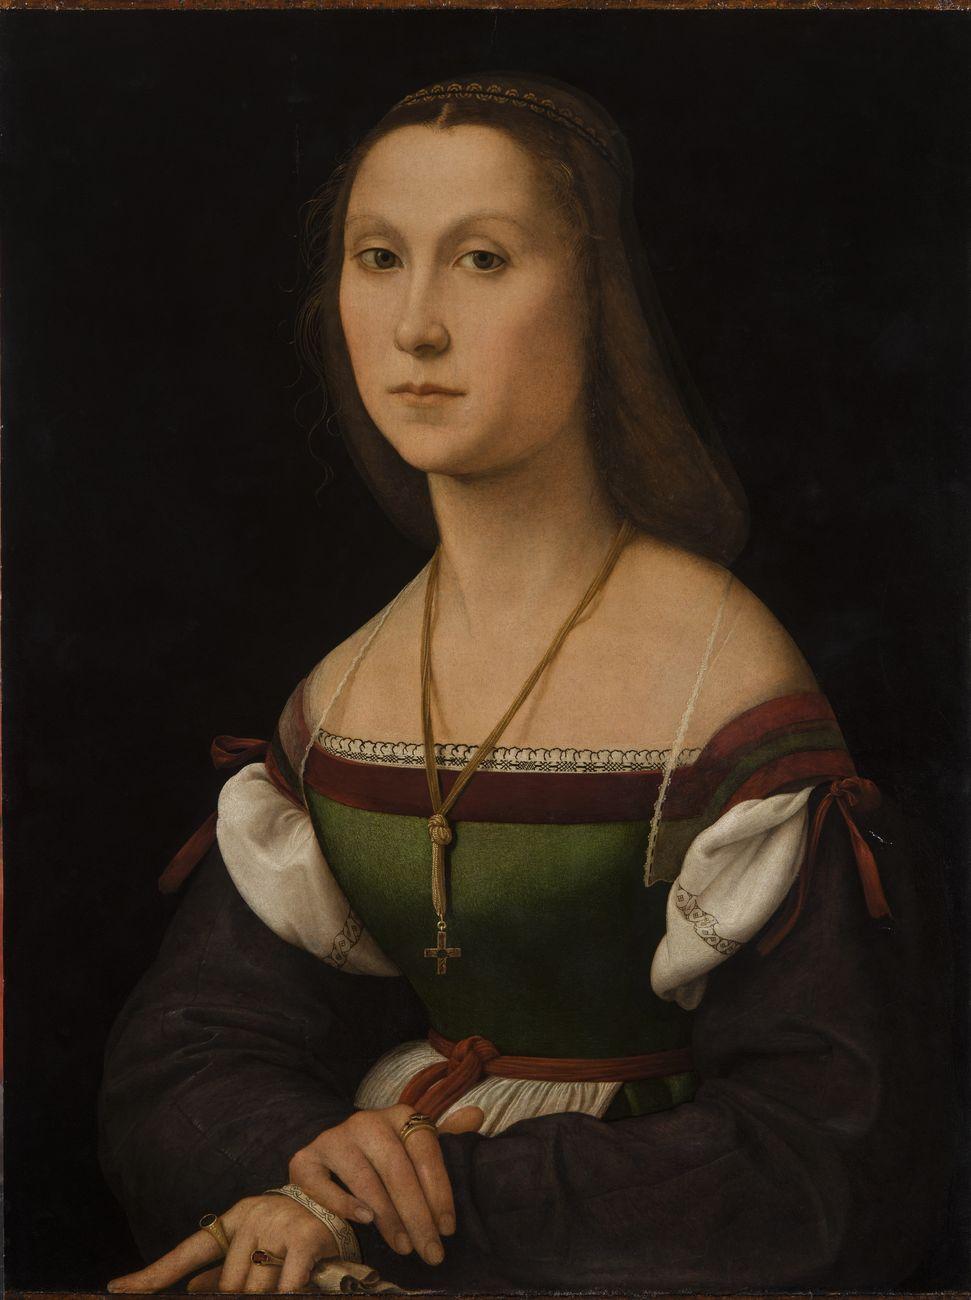 Raffaello Sanzio, La Muta, 1507, olio su tavola. Galleria Nazionale delle Marche, Urbino